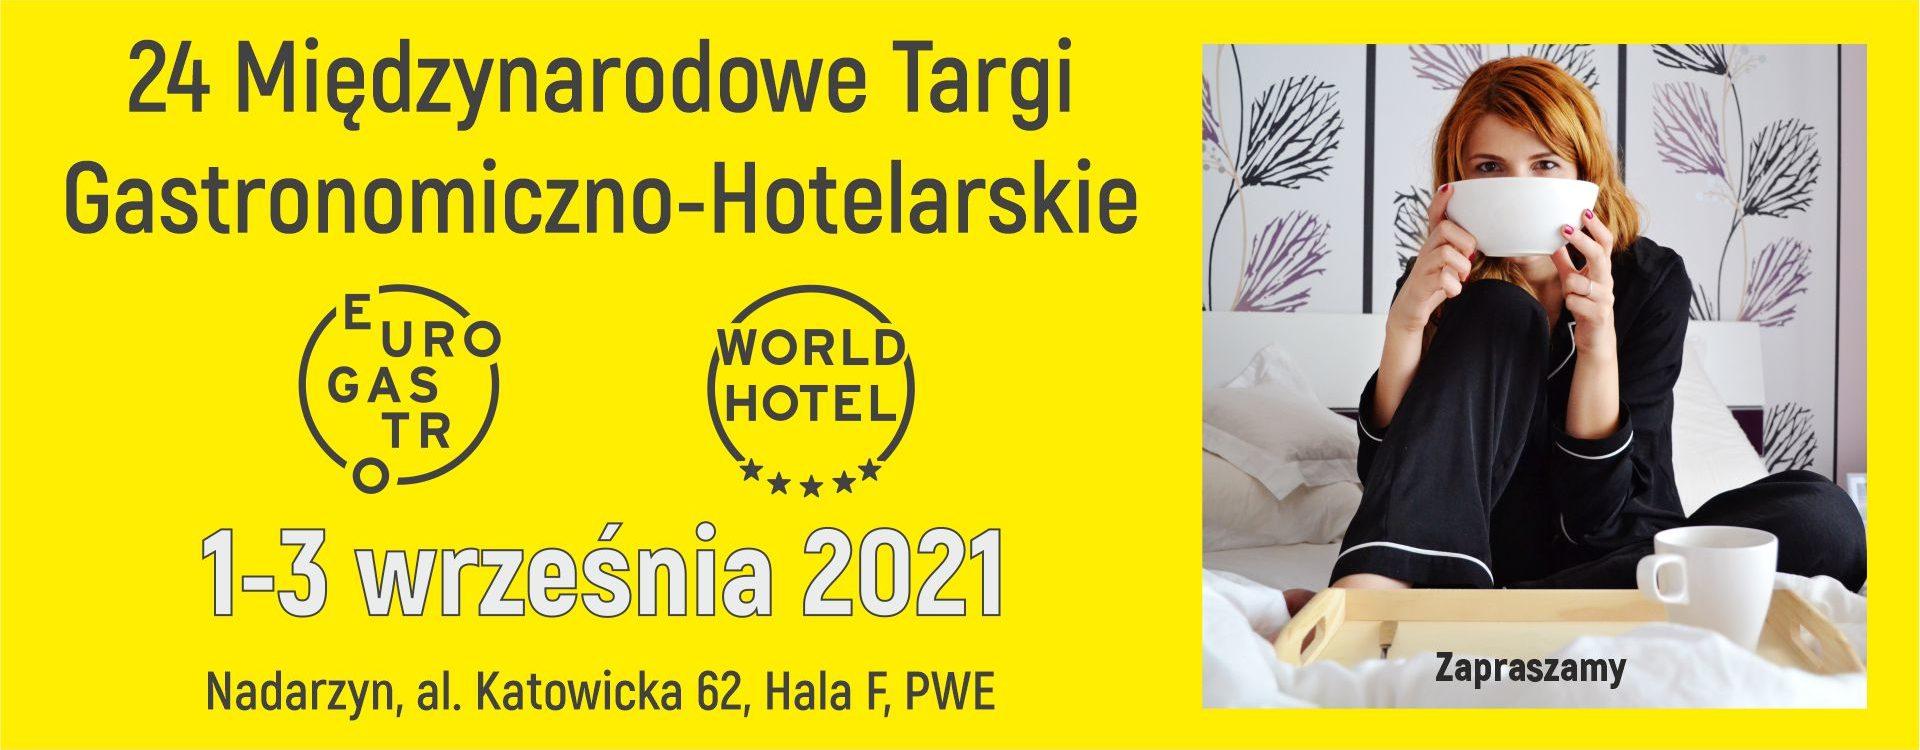 Zmiana terminu targów EuroGastro i WorldHotel